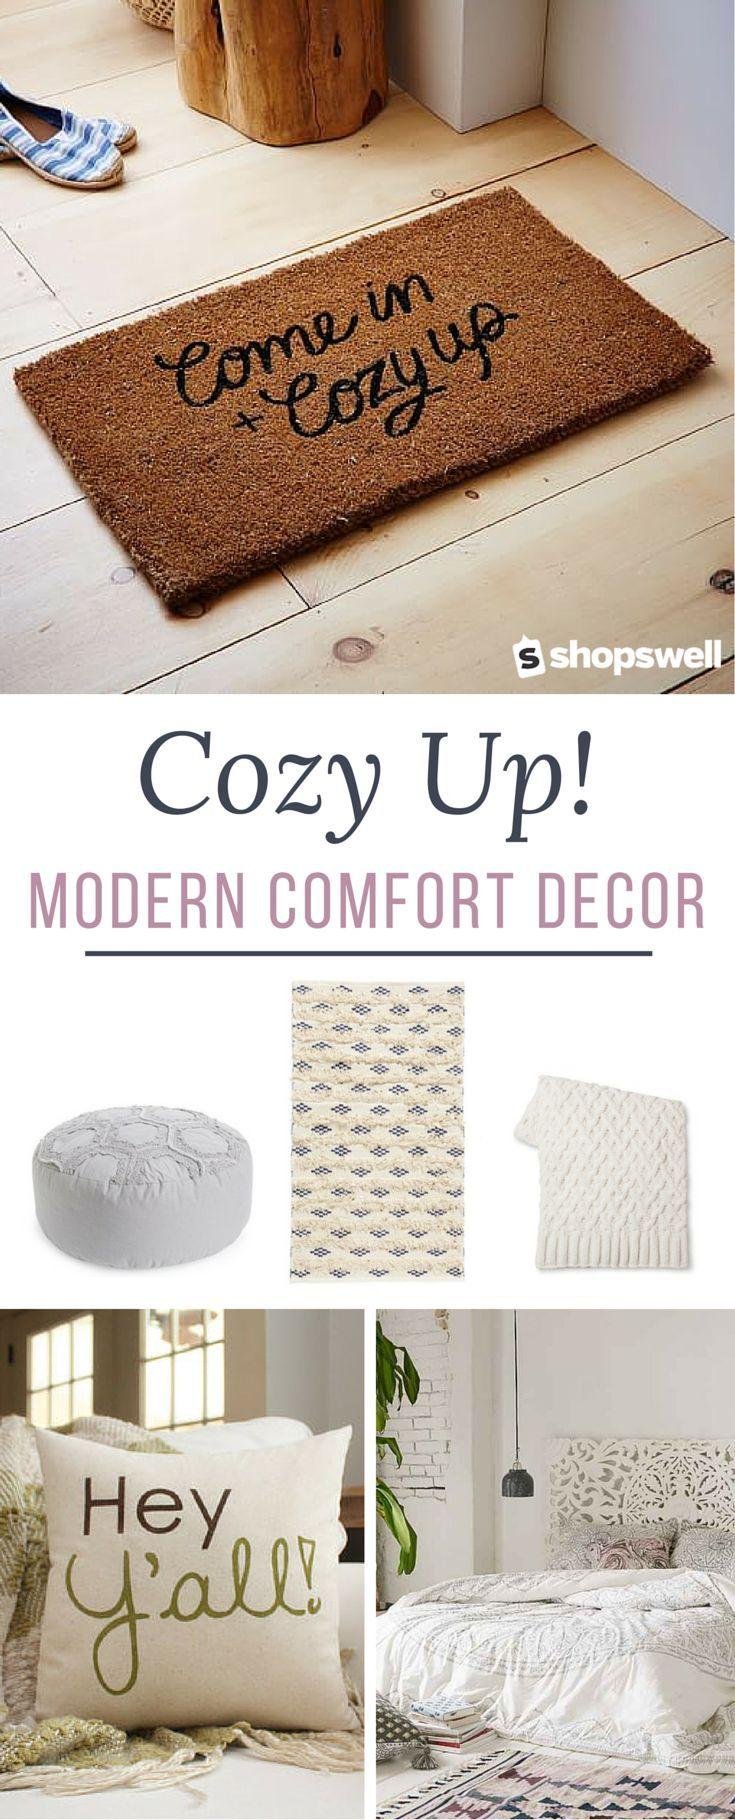 Bedroom Furniture Essentials 1074 best home decor & furniture images on pinterest | bedroom